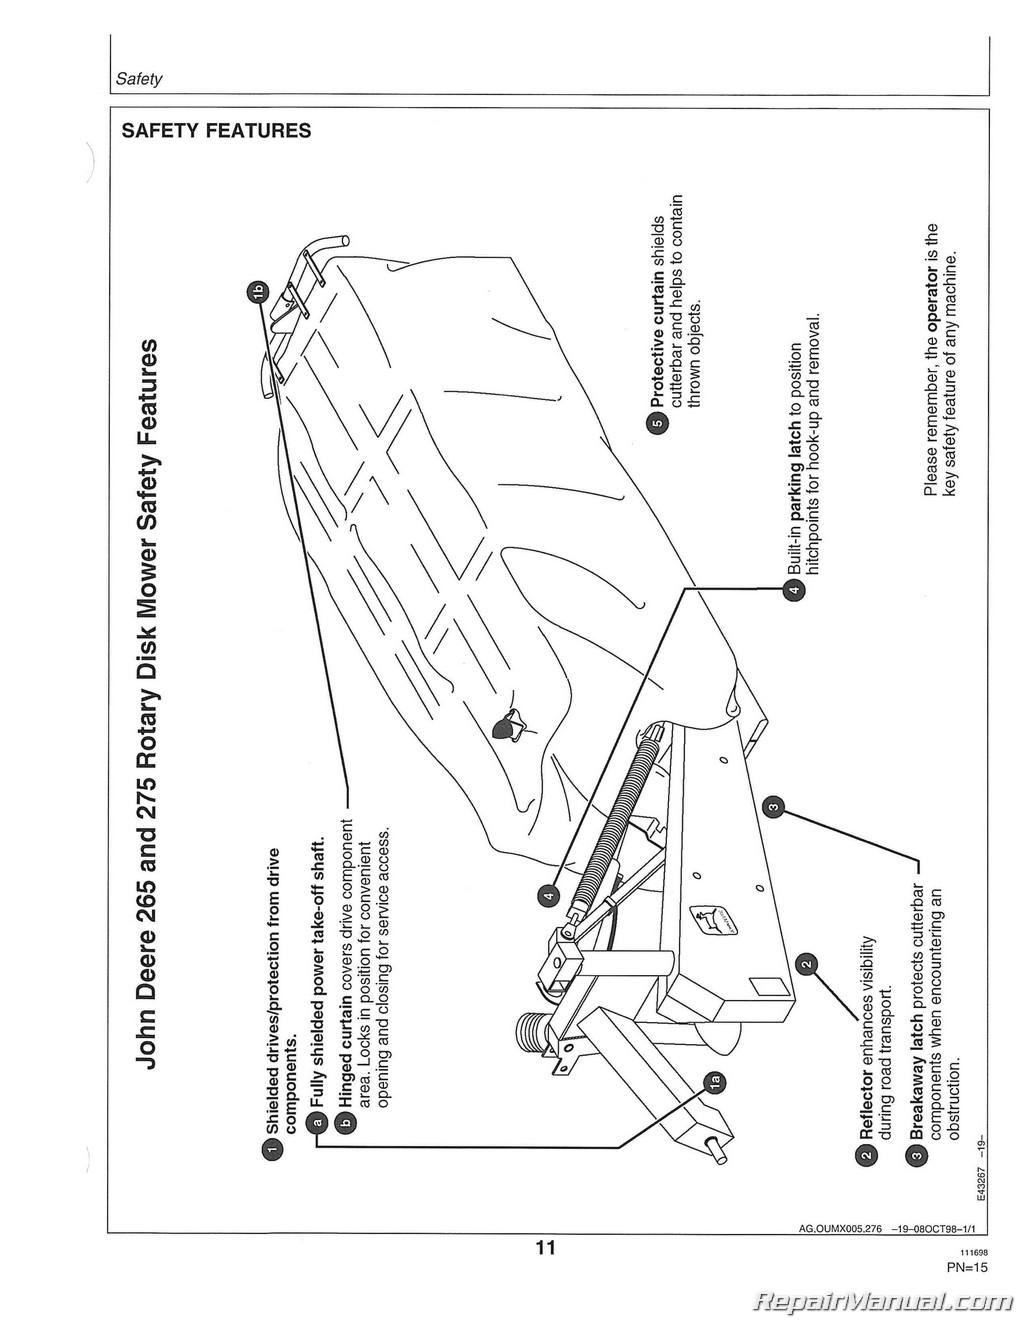 John Deere Disc Bine manual